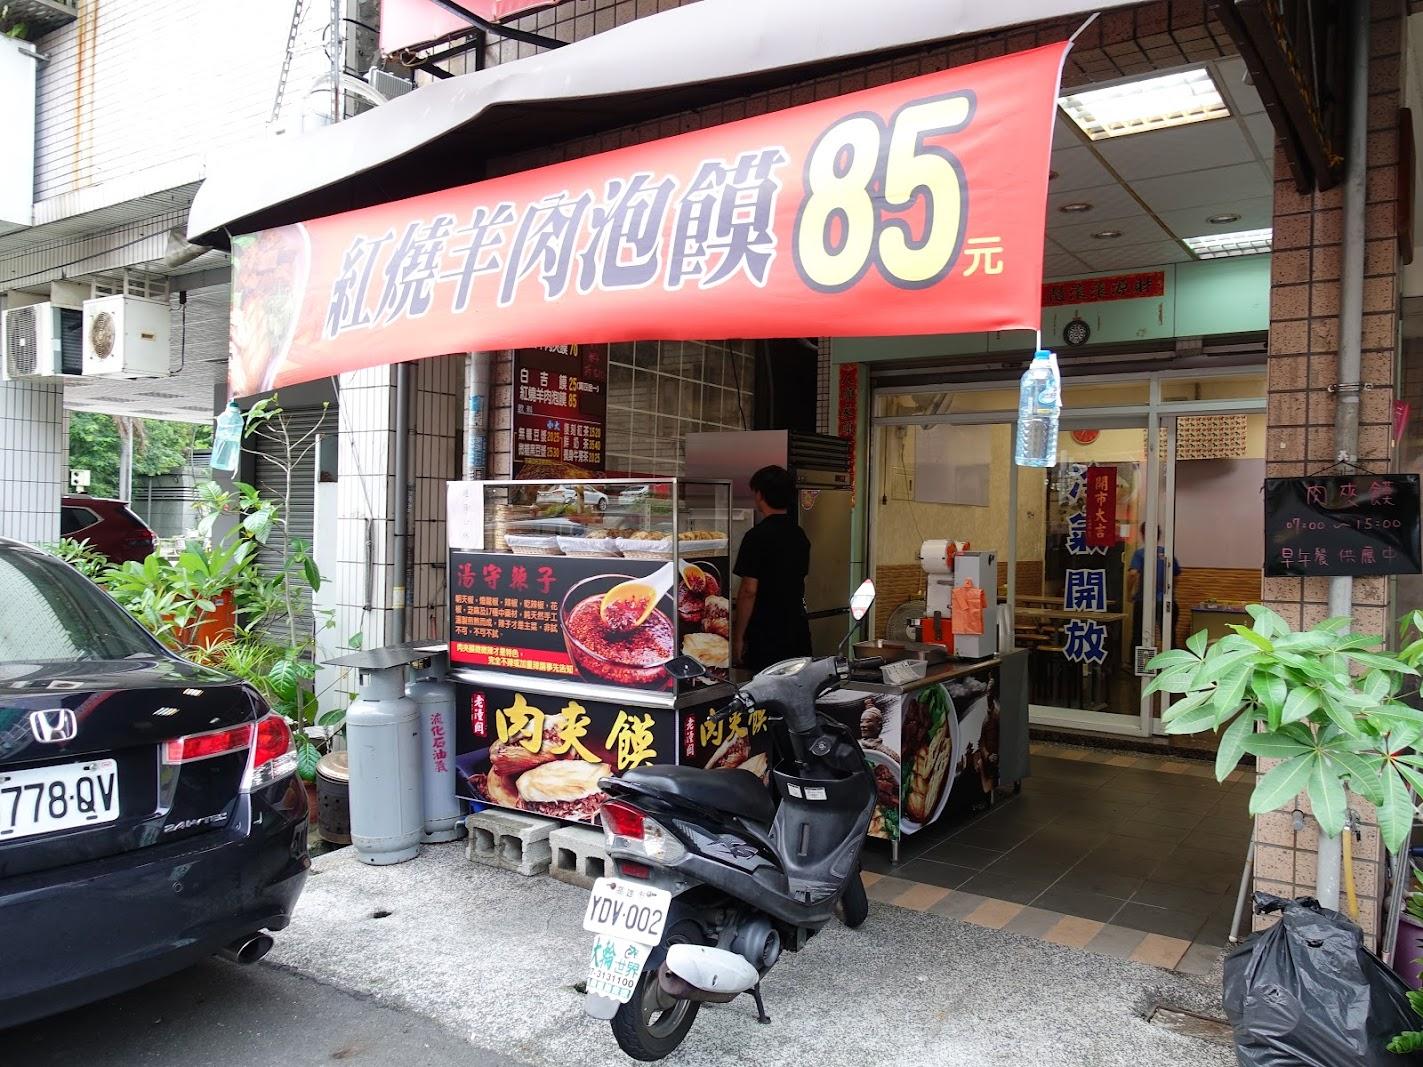 高醫附近的湯守麵食,旁邊就是東馬海南雞飯! 原本有賣麵,現在則是賣早餐,且只賣肉夾饃喔